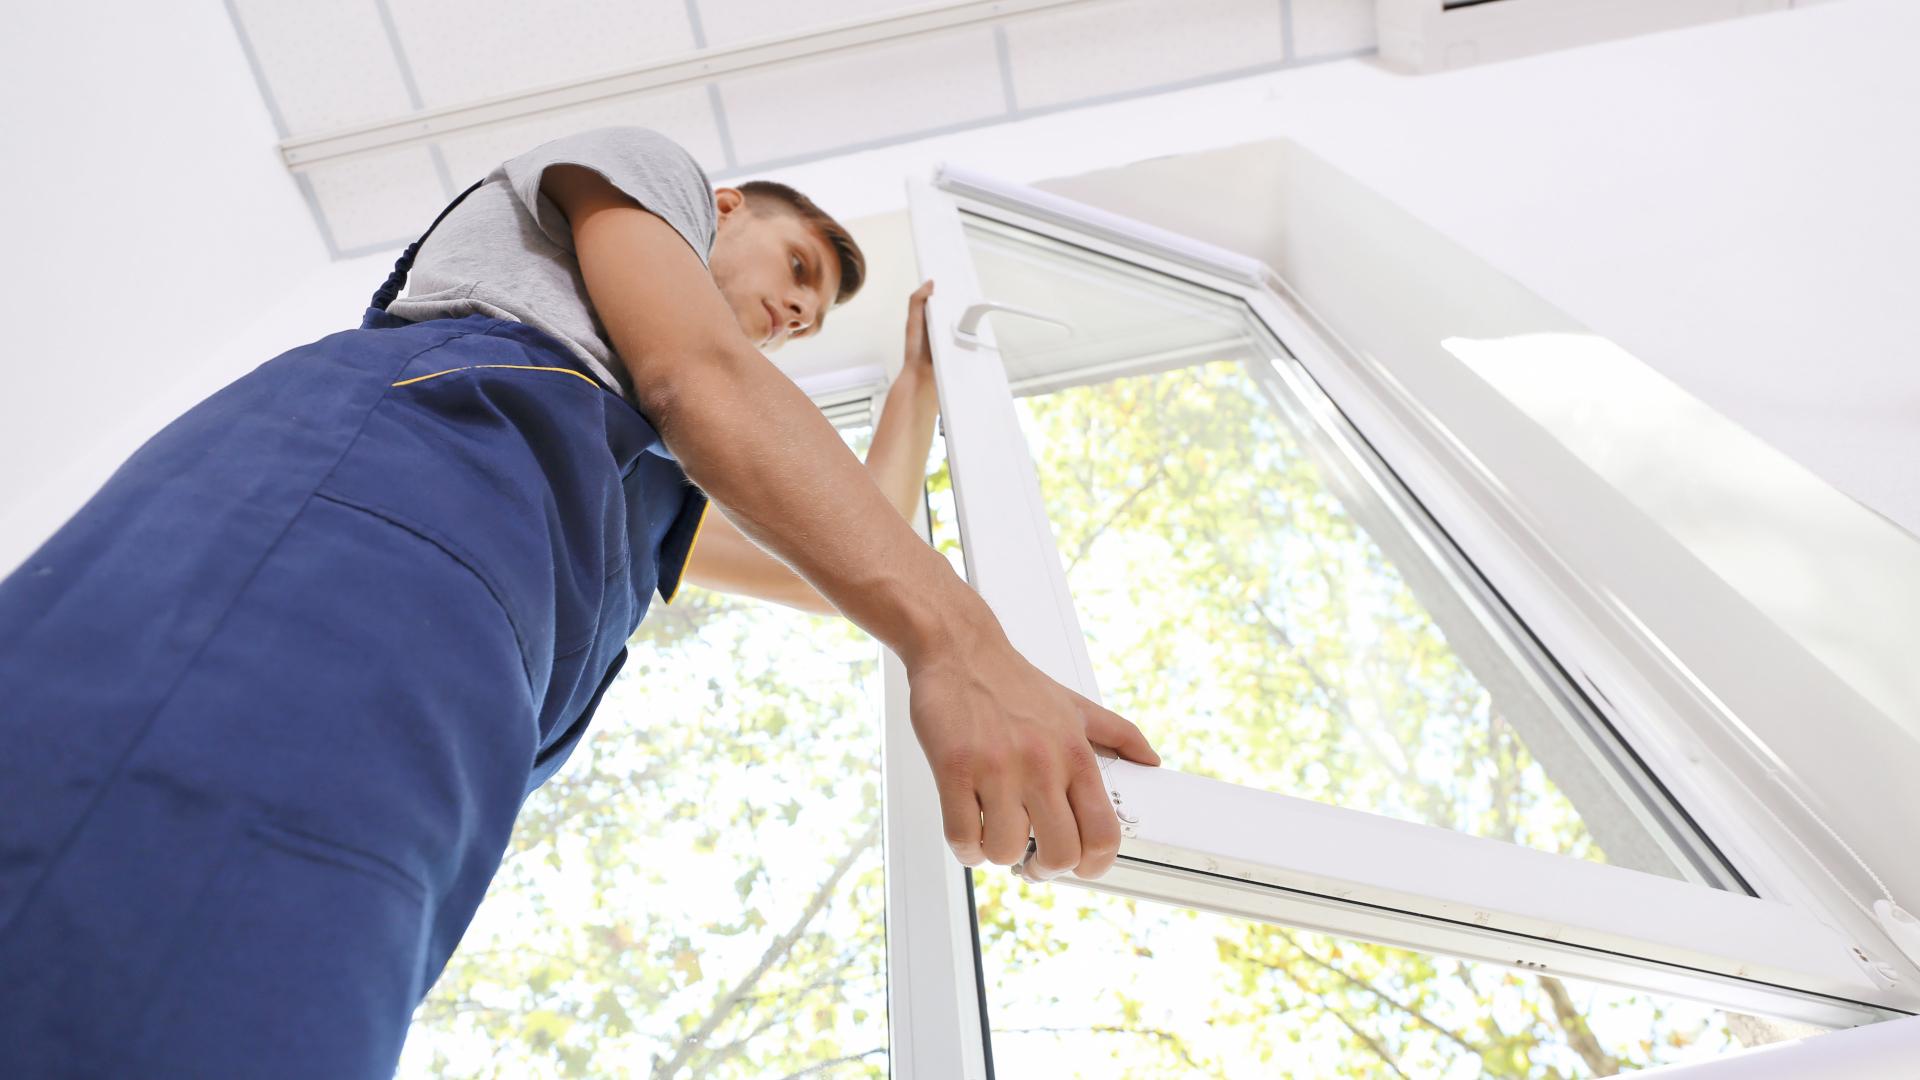 Ikkunaremontti voi parantaa energiansäästöä, mutta ilmanvaihto on syytä ottaa huomioon remonttia suunniteltaessa